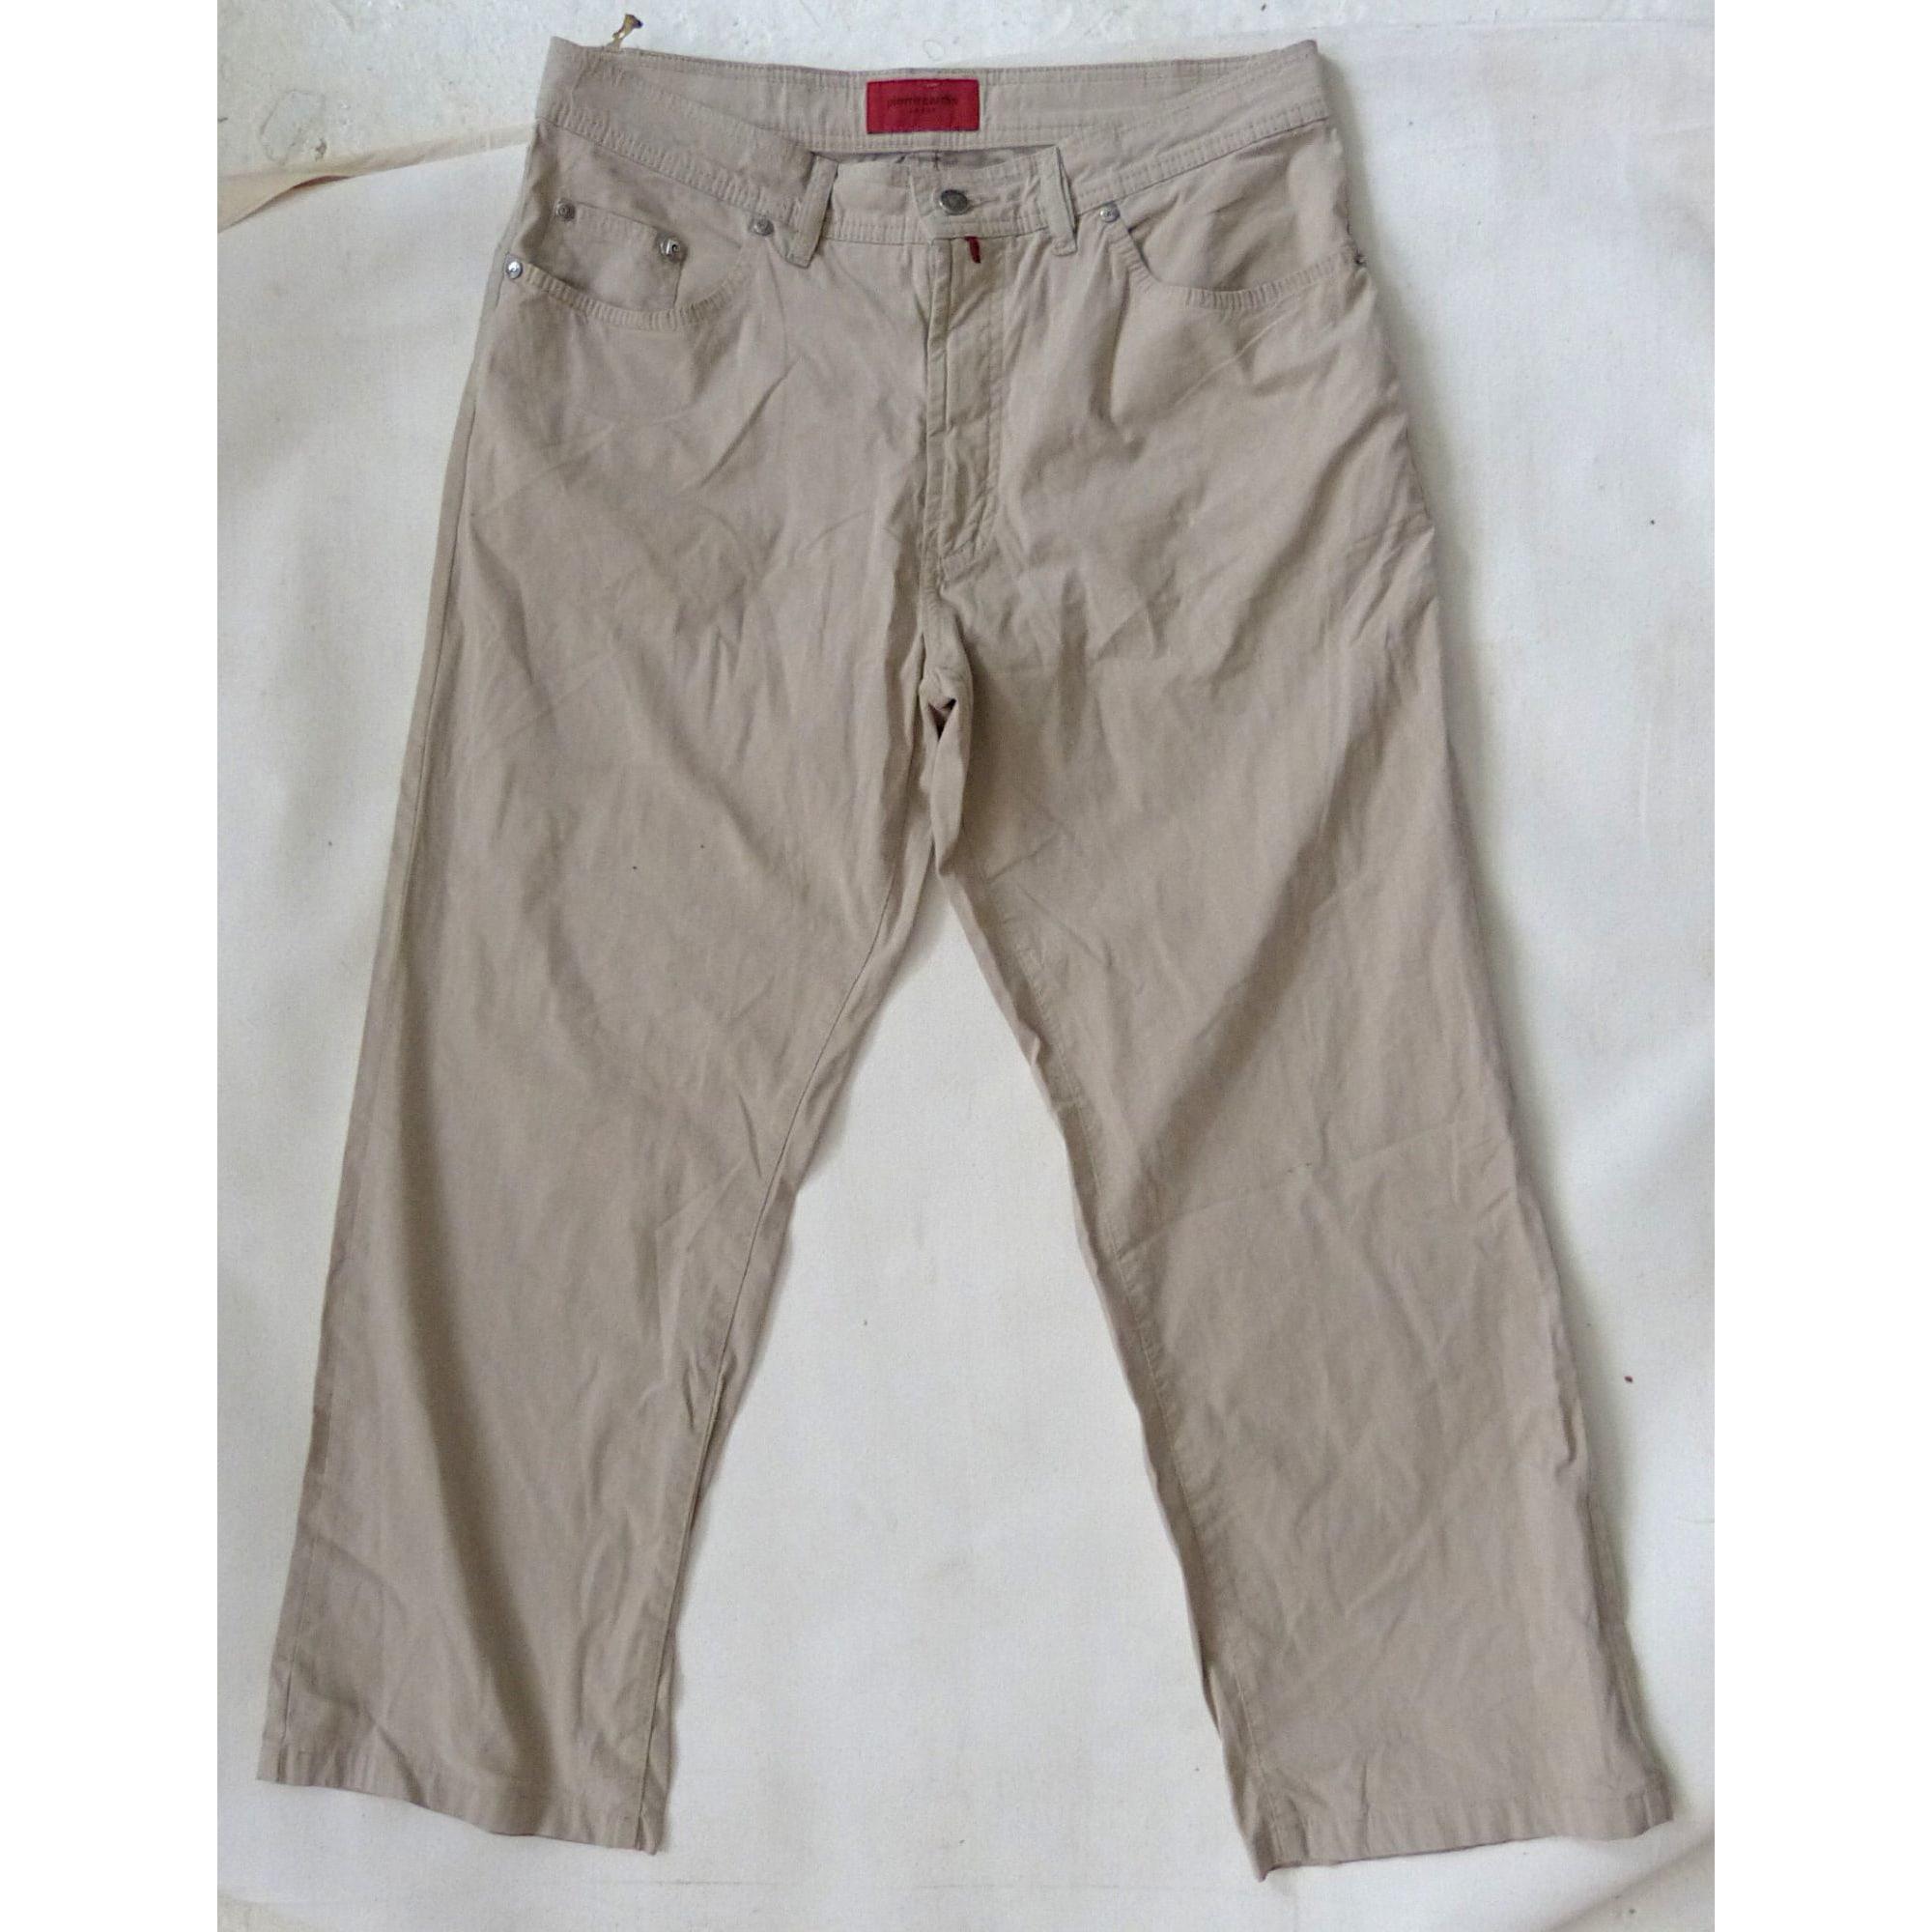 Straight Leg Jeans PIERRE CARDIN Beige, camel